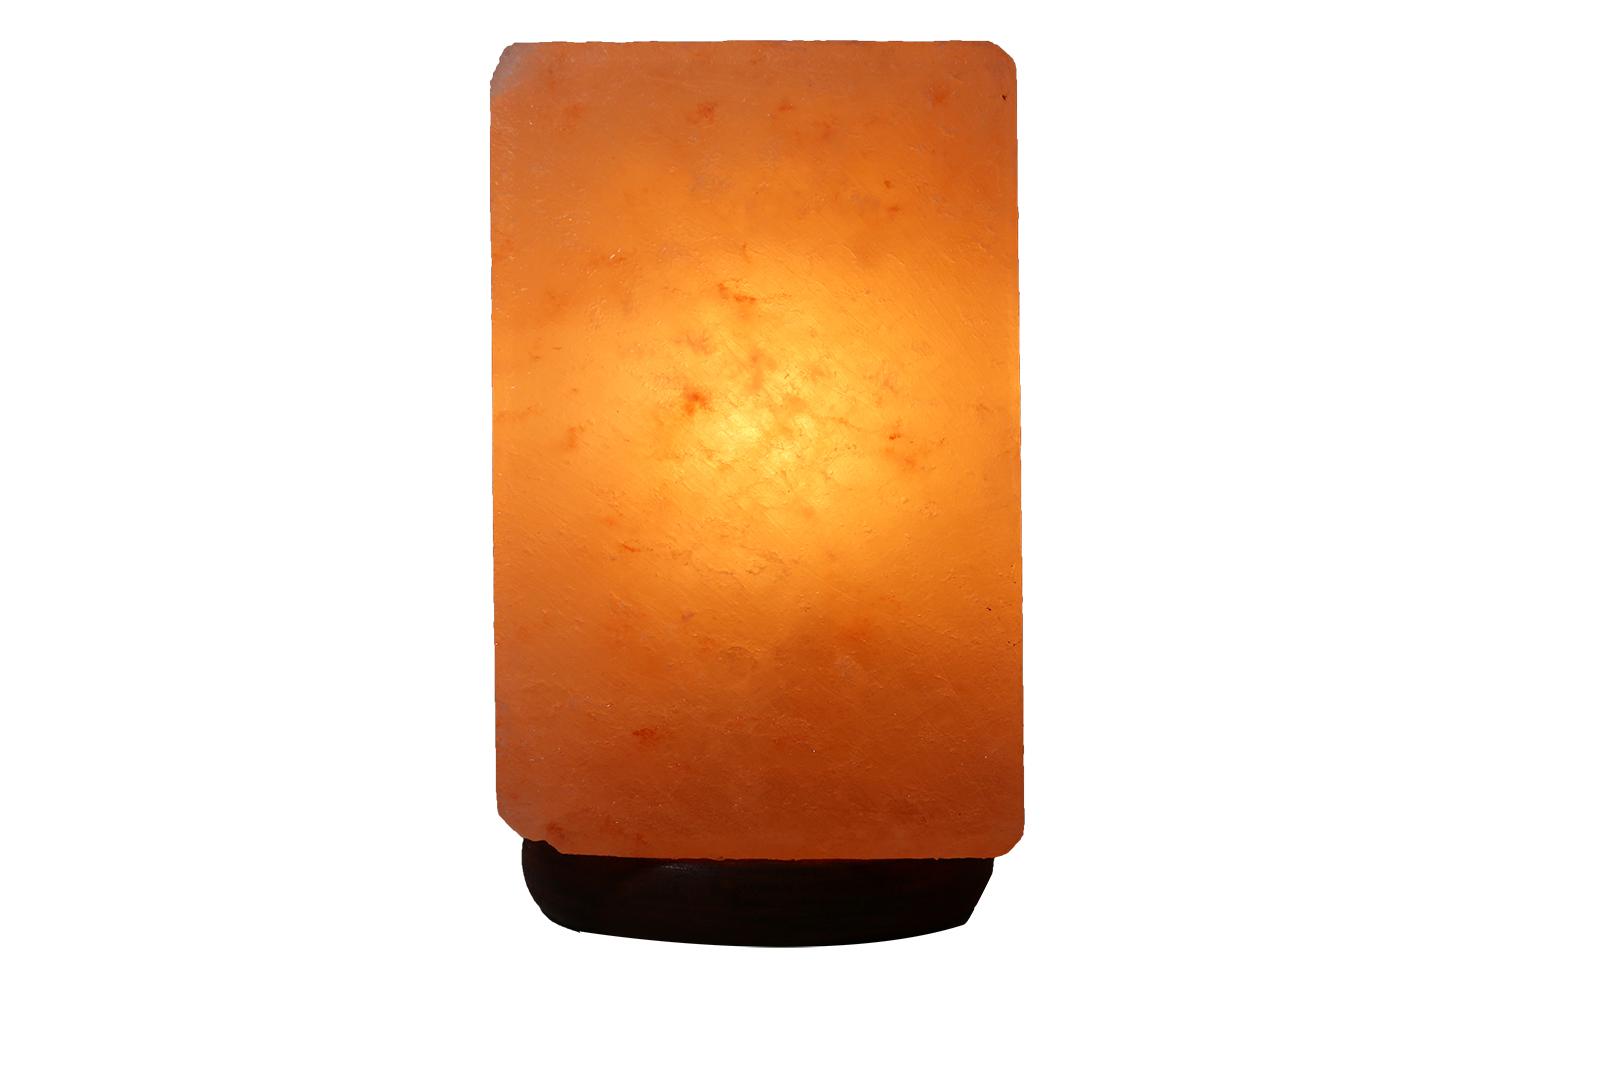 Đèn Đá Muối Hình Chữ Nhật Xông Tinh Dầu